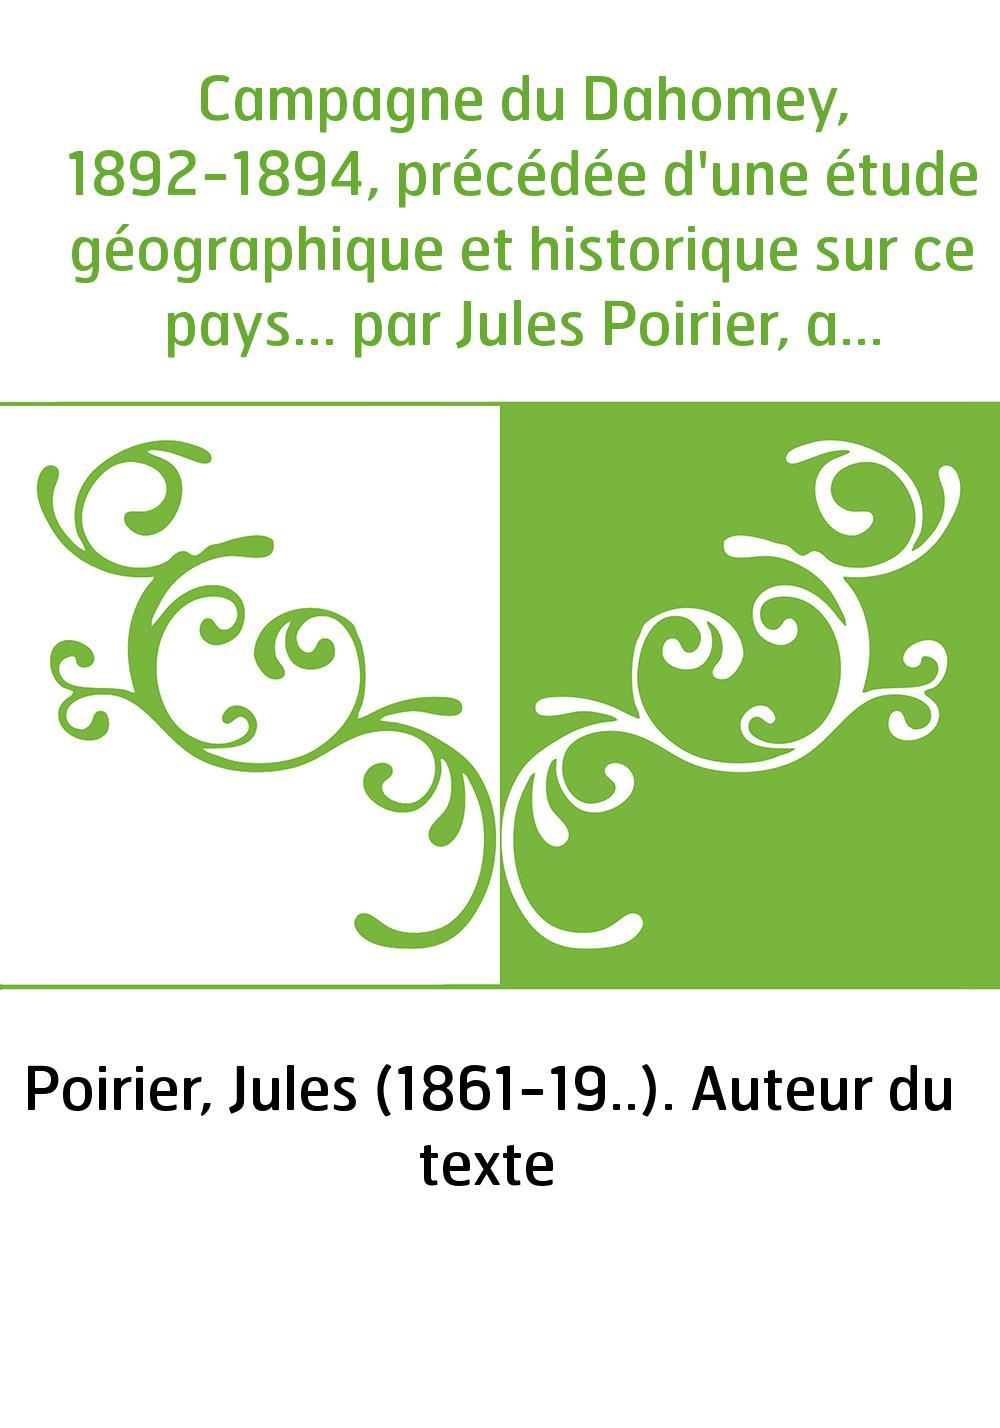 Campagne du Dahomey, 1892-1894, précédée d'une étude géographique et historique sur ce pays... par Jules Poirier, avec une préfa